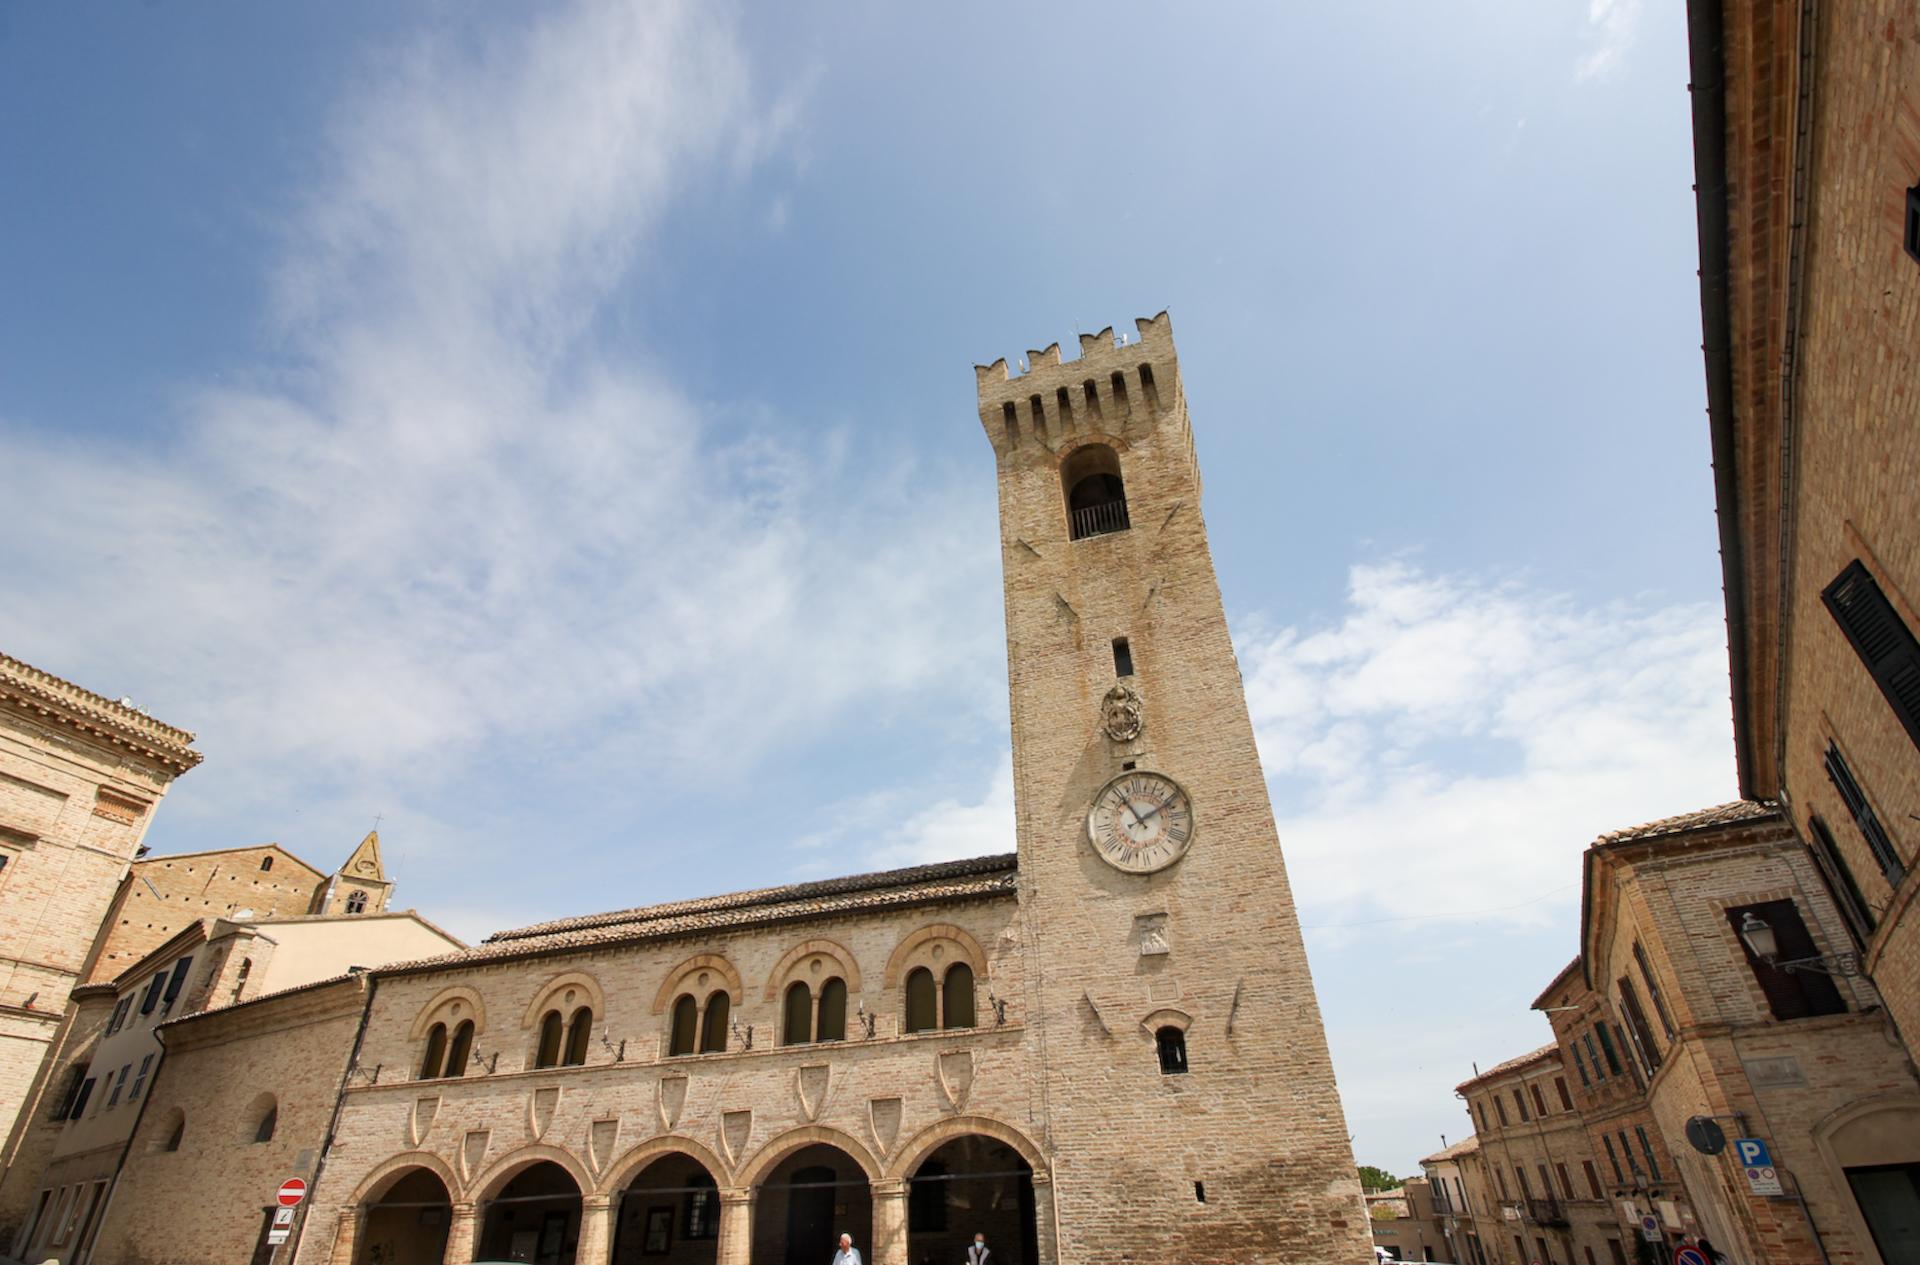 La Torre Civica di Montelupone